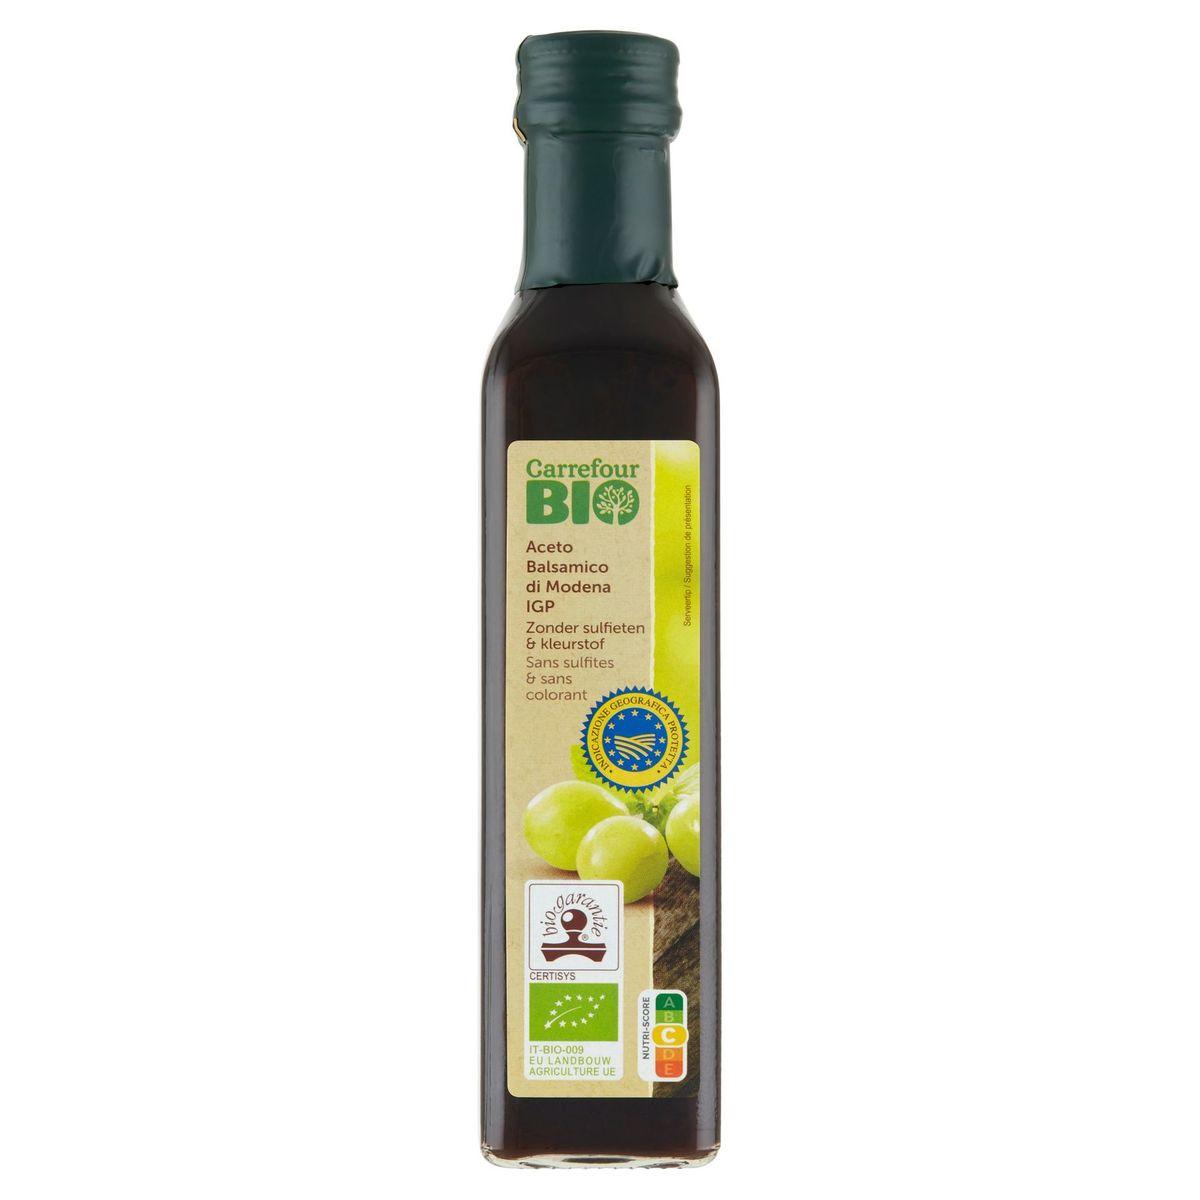 Carrefour Bio Aceto Balsamico di Modena IGP 250 ml